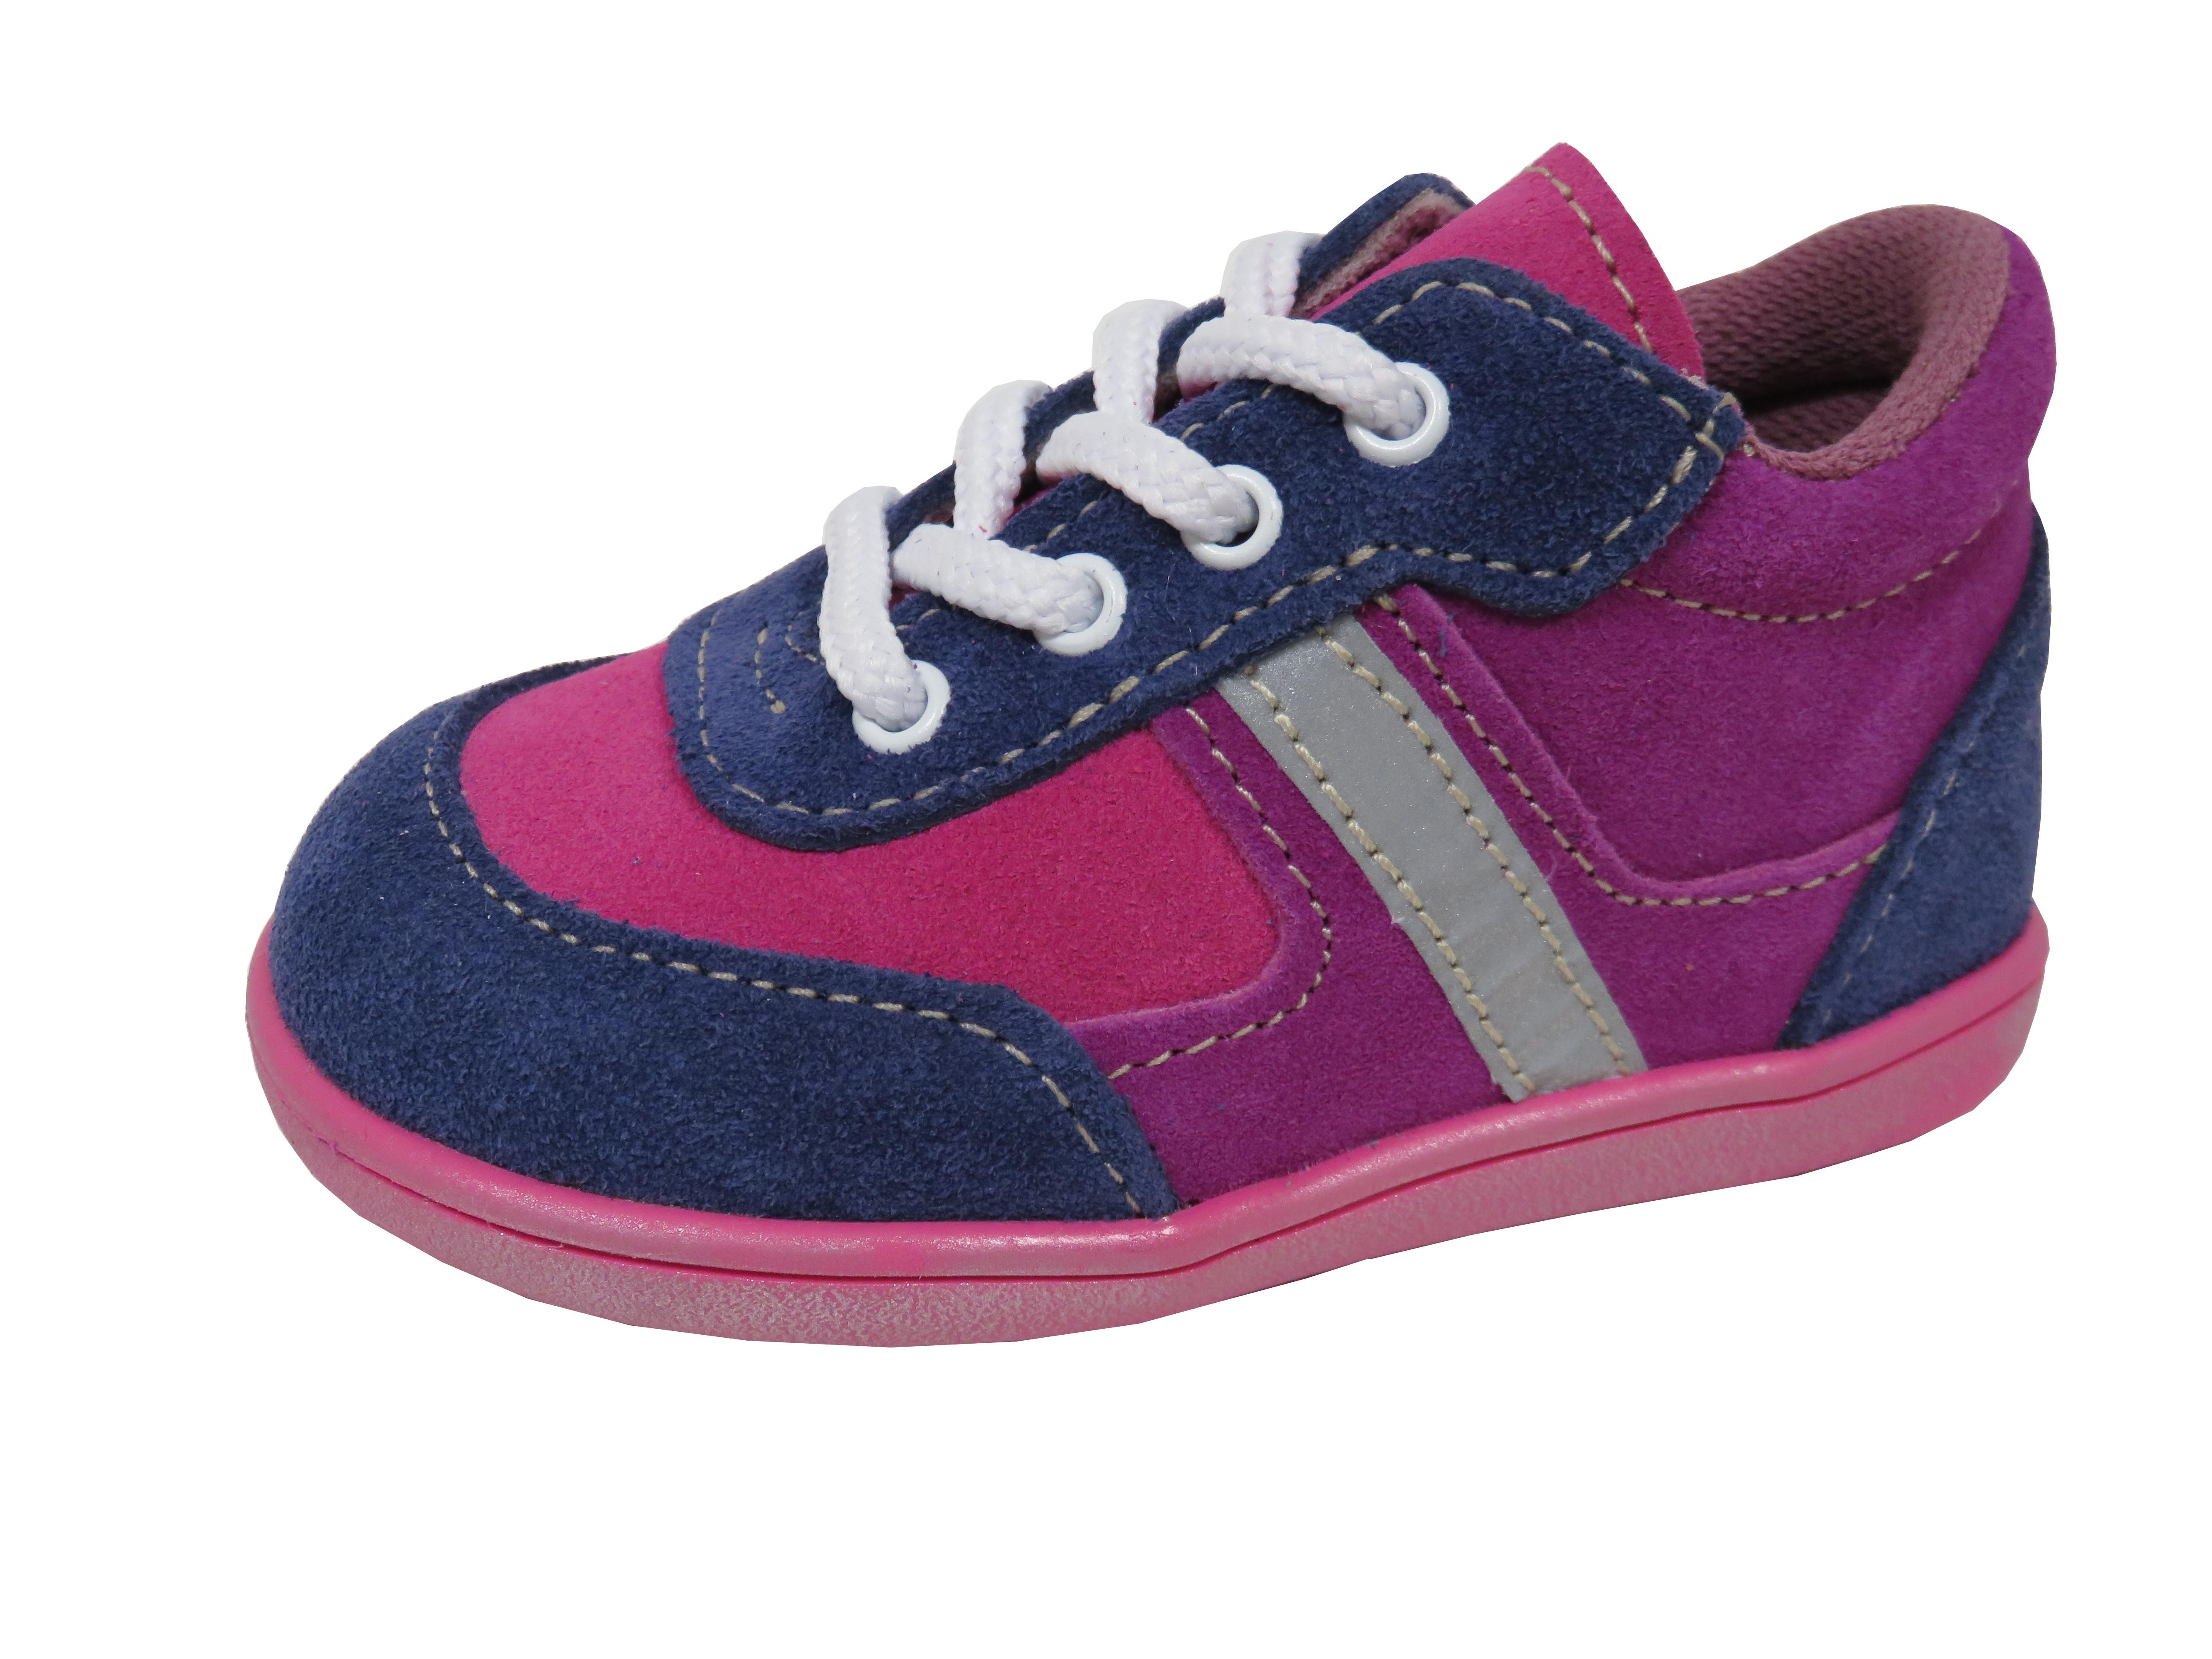 58f39b03814 Jonap dětské celoroční boty light na tkaničky růžovo-modré